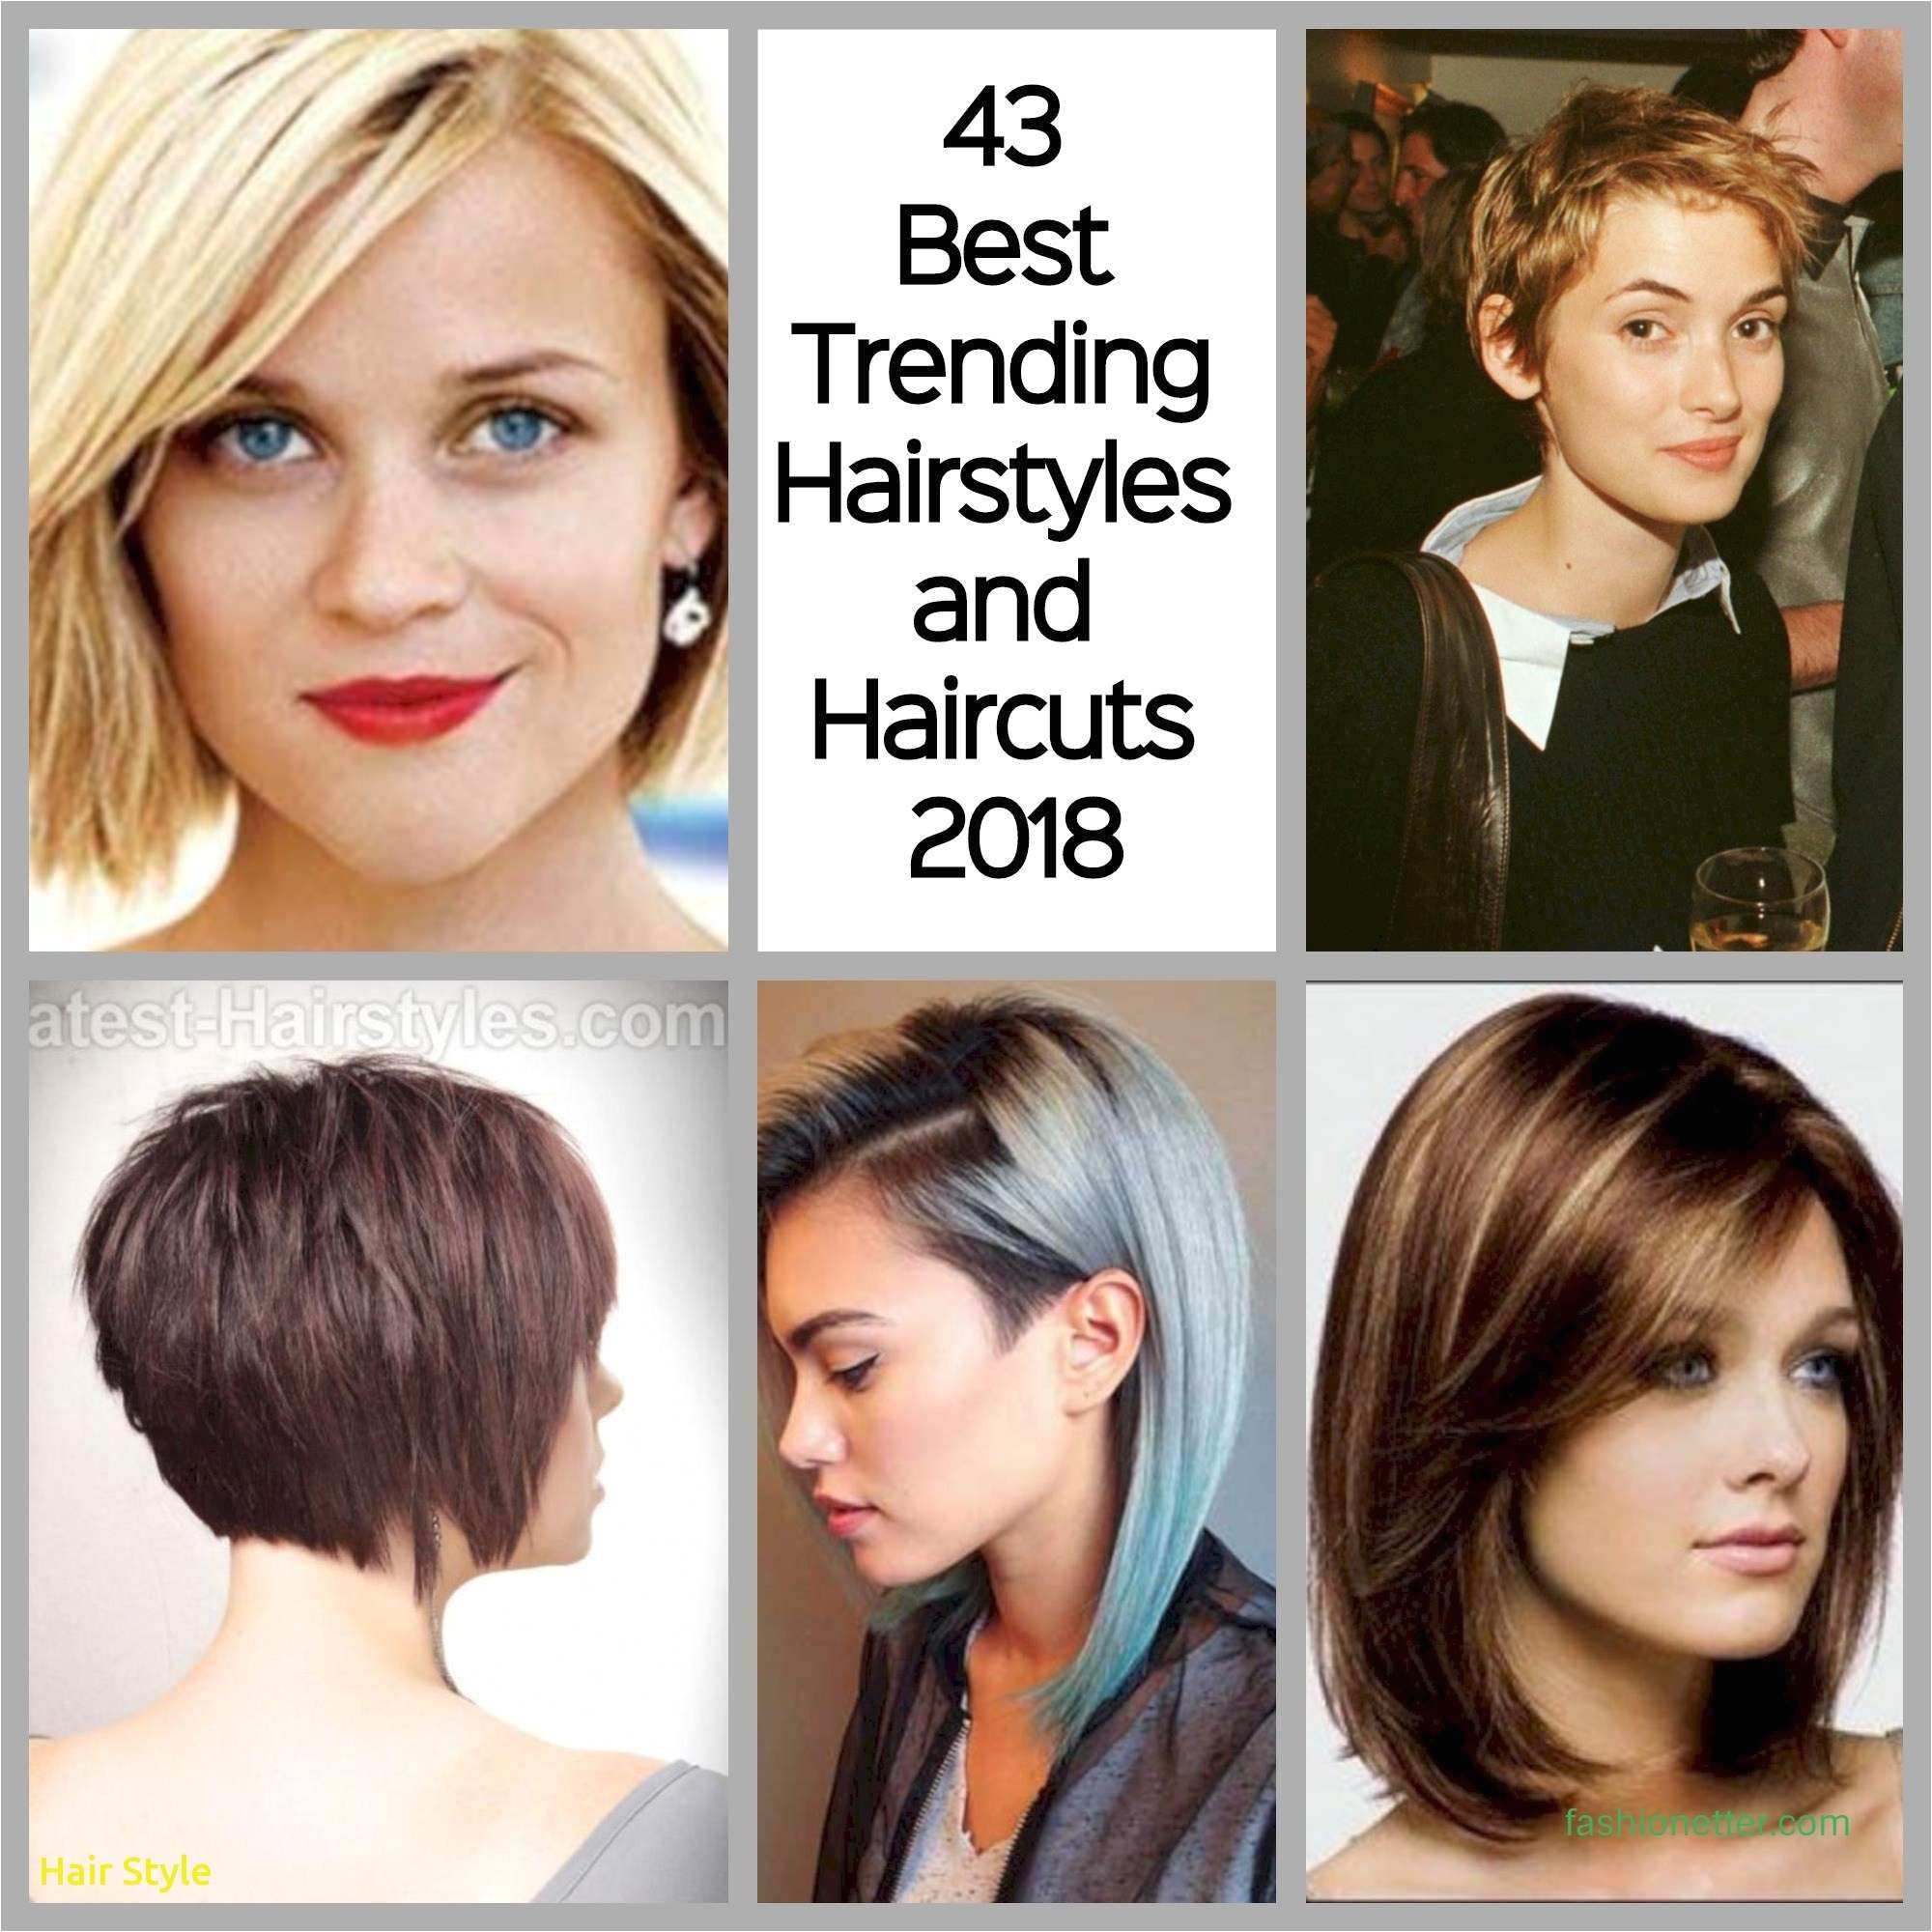 Schöne Sommer 2019 Frisuren balayage trendfrisuren stile2019 hair haar haarschnittefrauen